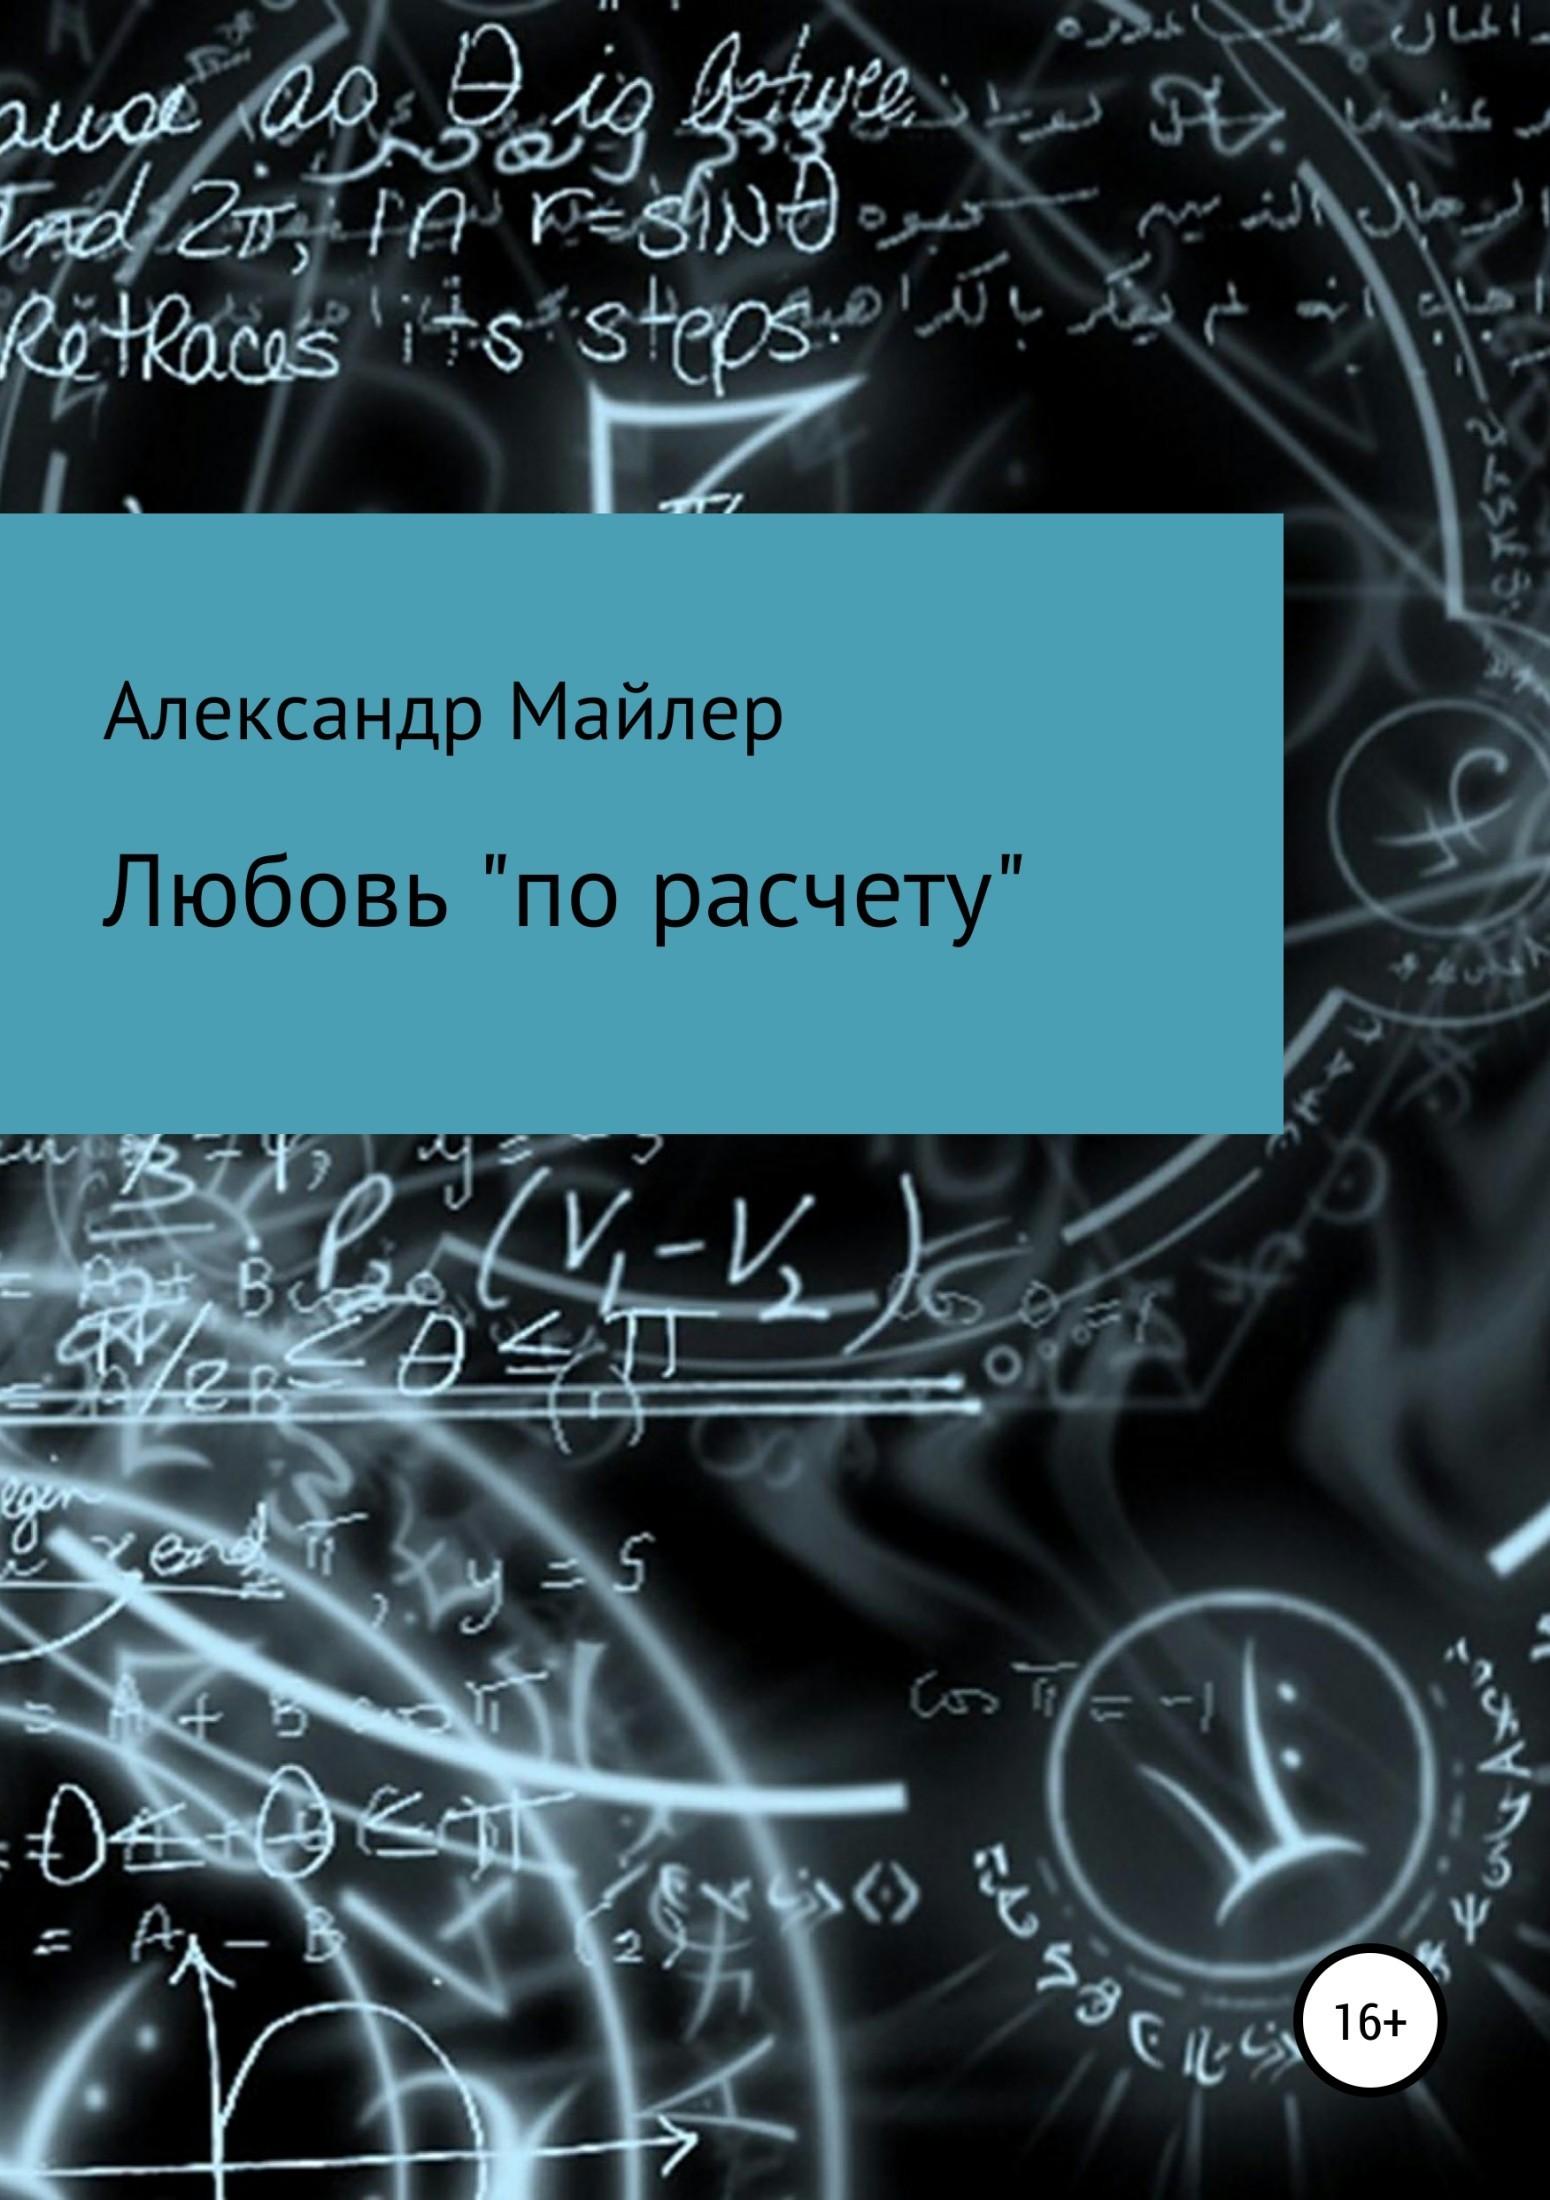 купить Александр Майлер Любовь «по расчету» по цене 0 рублей